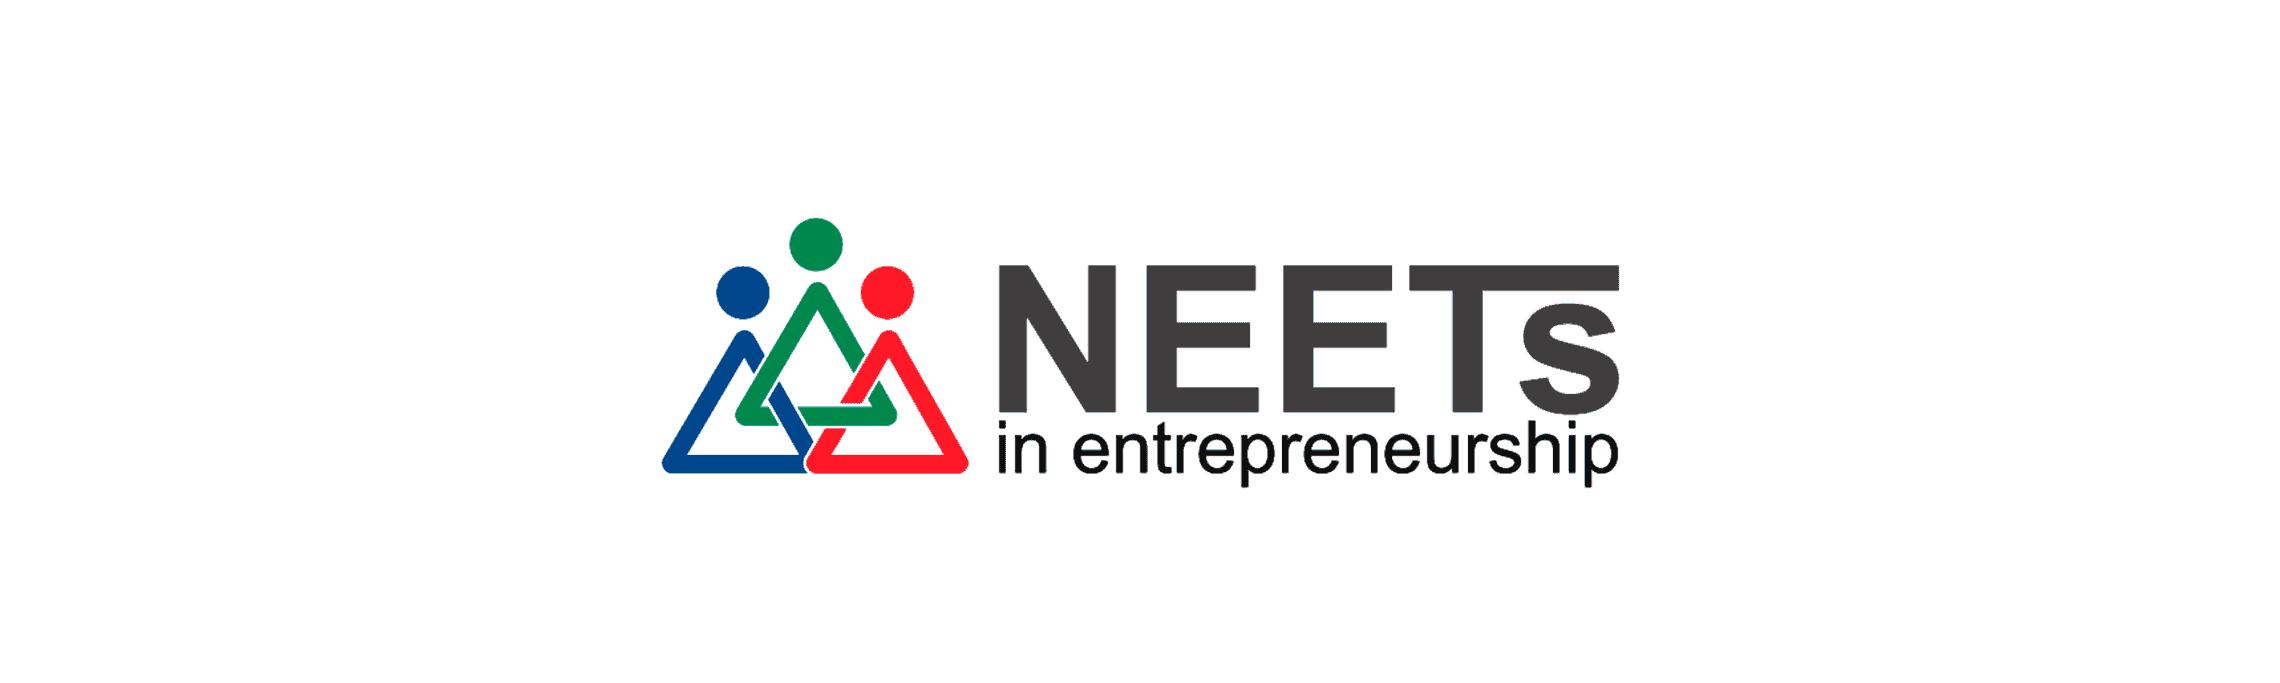 CABECERA-neets-2280x683